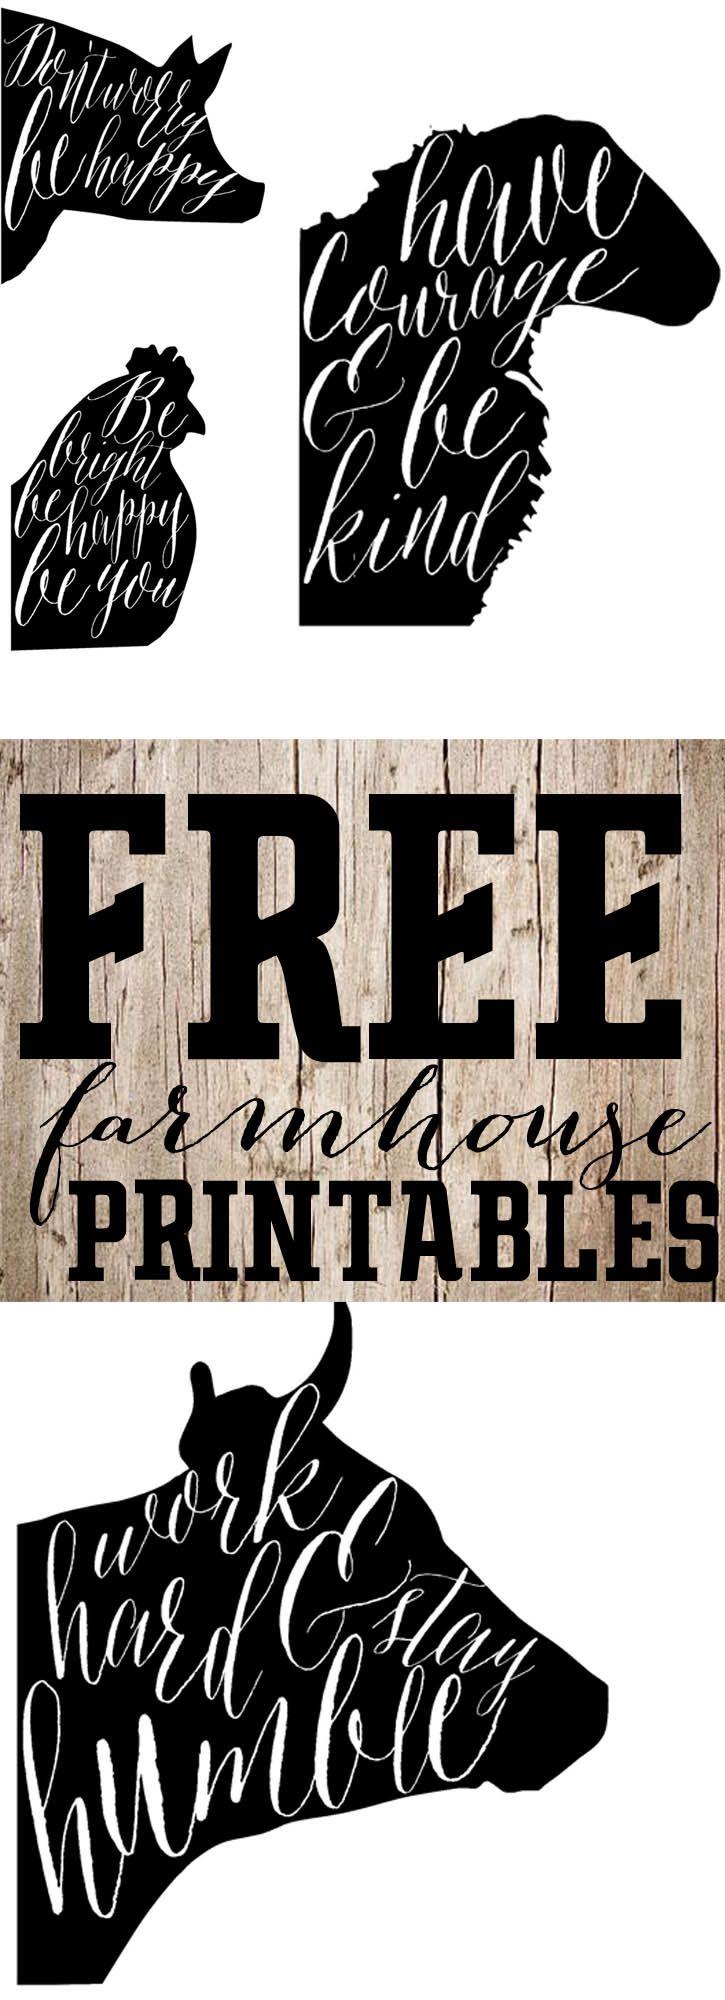 Free Printable Saturday-Farmhouse Animal Prints — The Mountain View Cottage